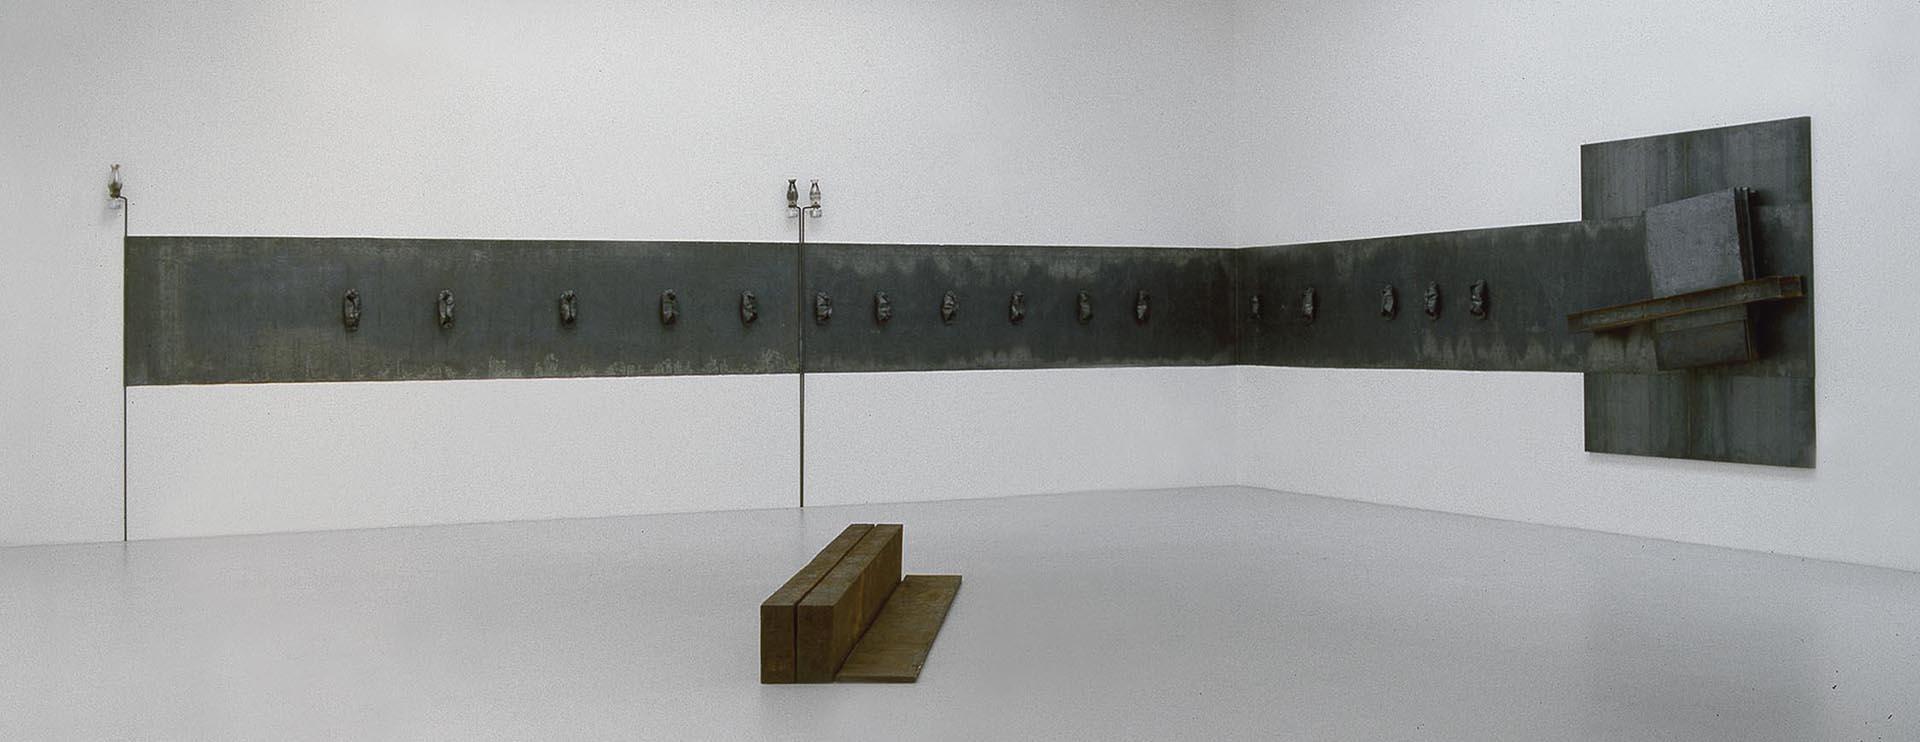 Kounellis, Senza titolo, 1989, 180x1600 cm